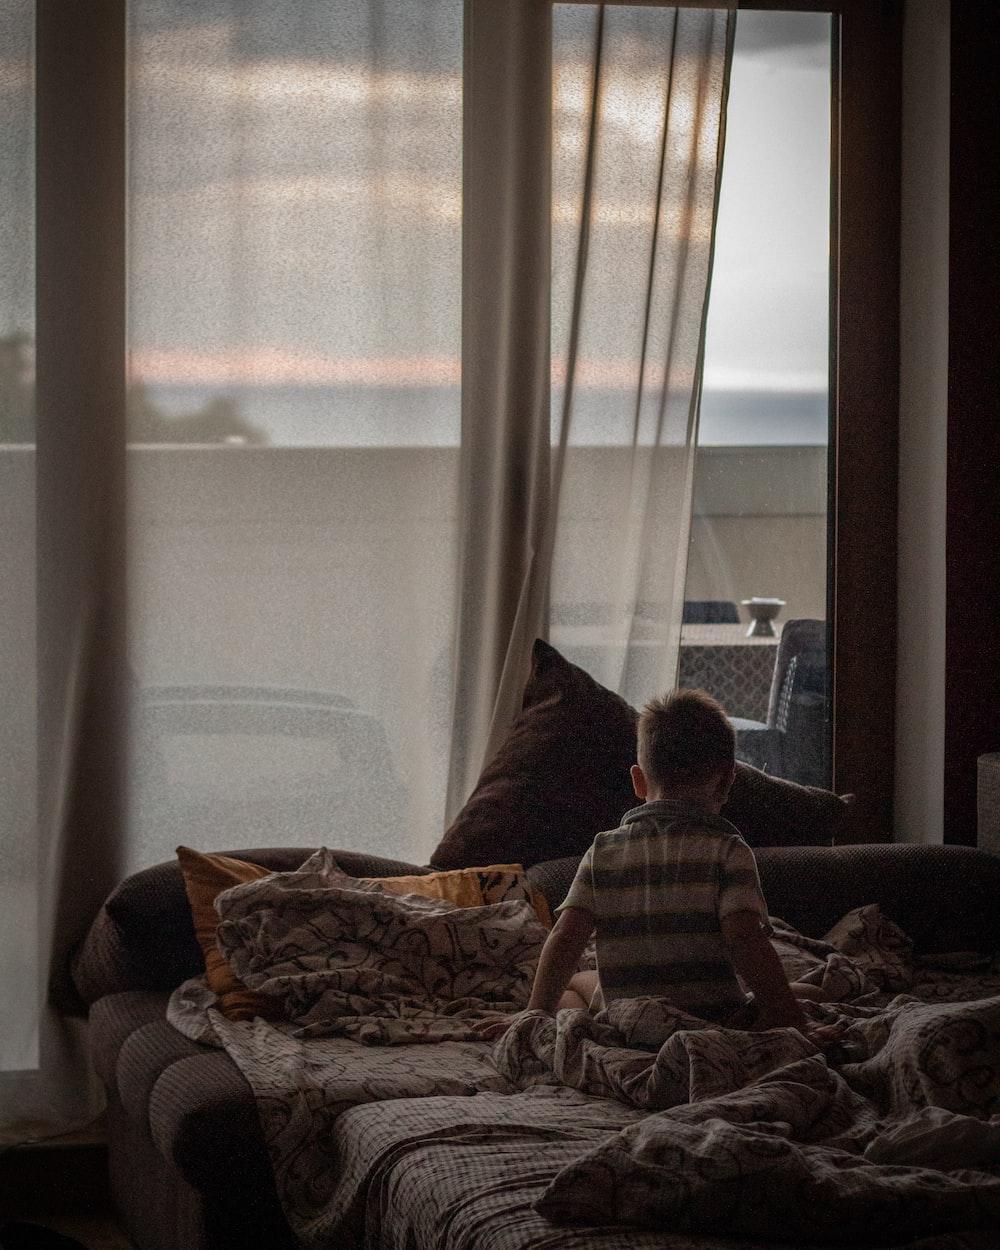 boy on bed near window